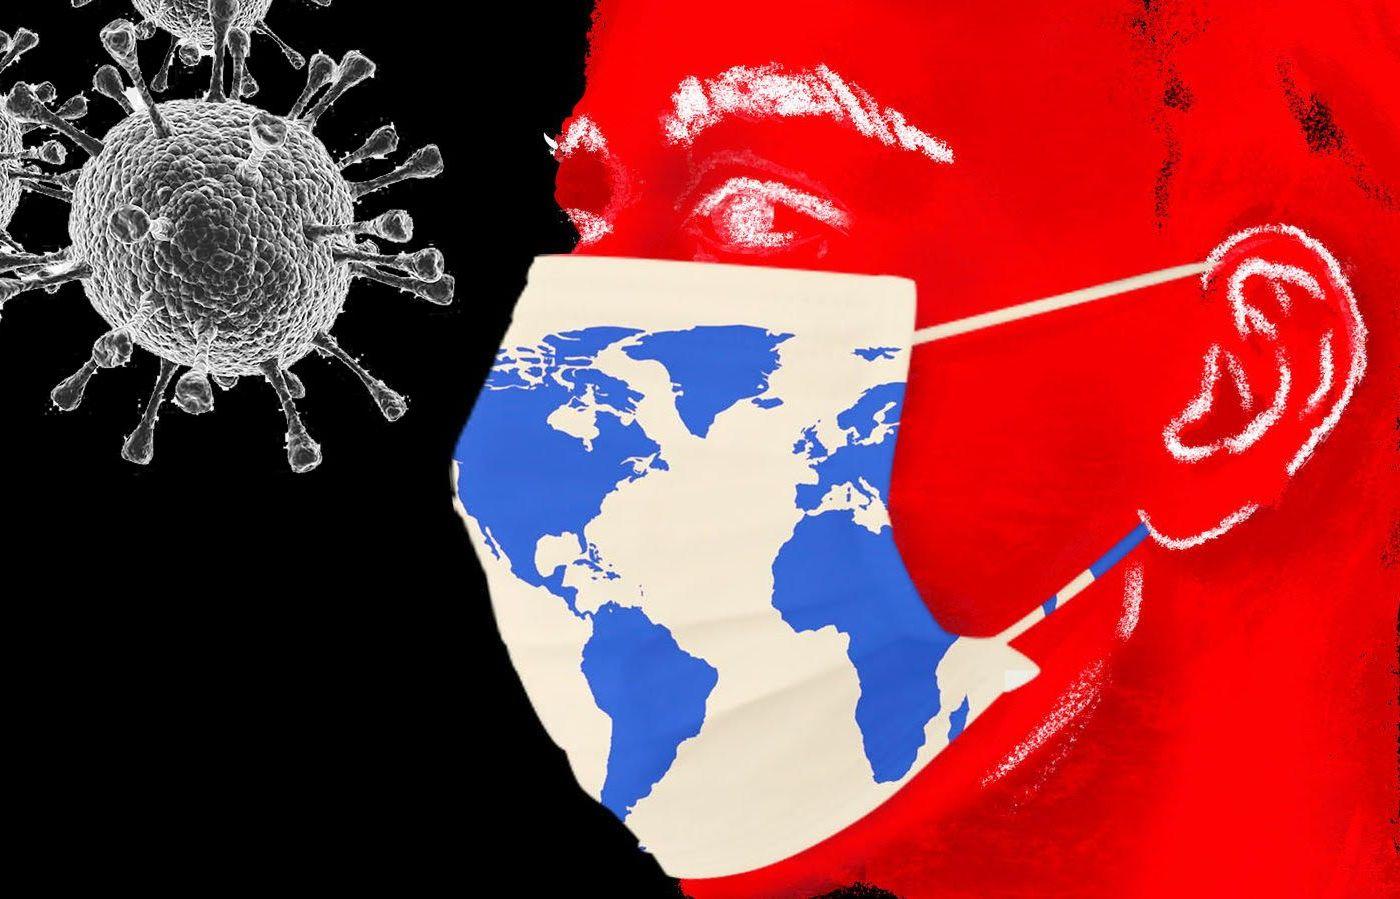 Nhiều quốc gia trên thế giới đang phải chống chọi với đại dịch kép: Covid-19 và cúm mùa. (Ảnh minh họa)